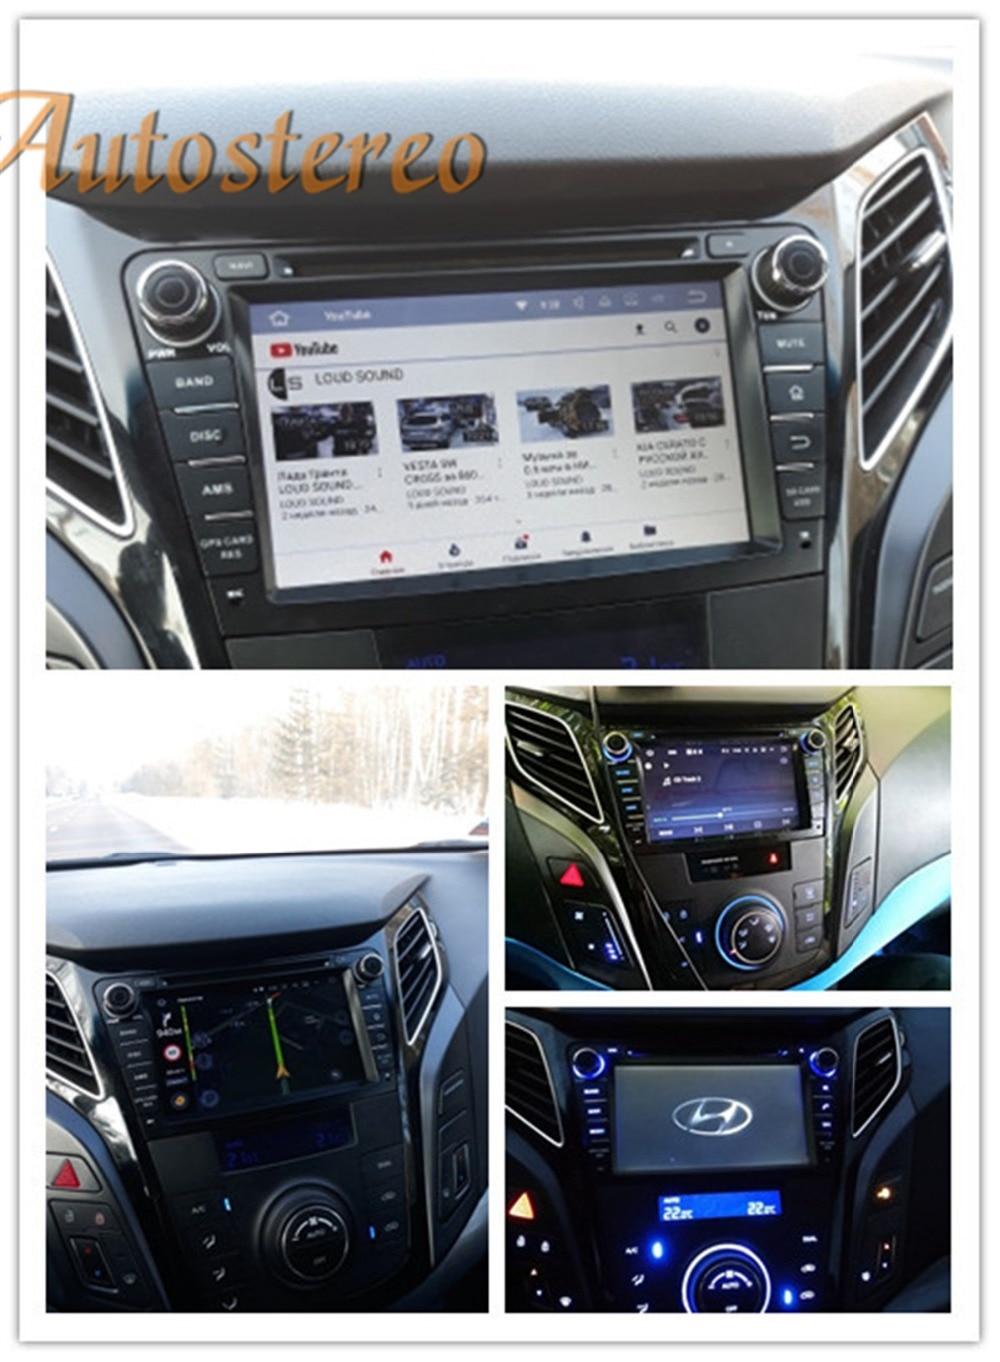 Octa Android 8 Auto di Navigazione GPS Per Auto CD Lettore DVD per HYUNDAI I40 I-40 2011-2016 HD Multi- sistema multimediale Auto Radio RDS GPS Navi